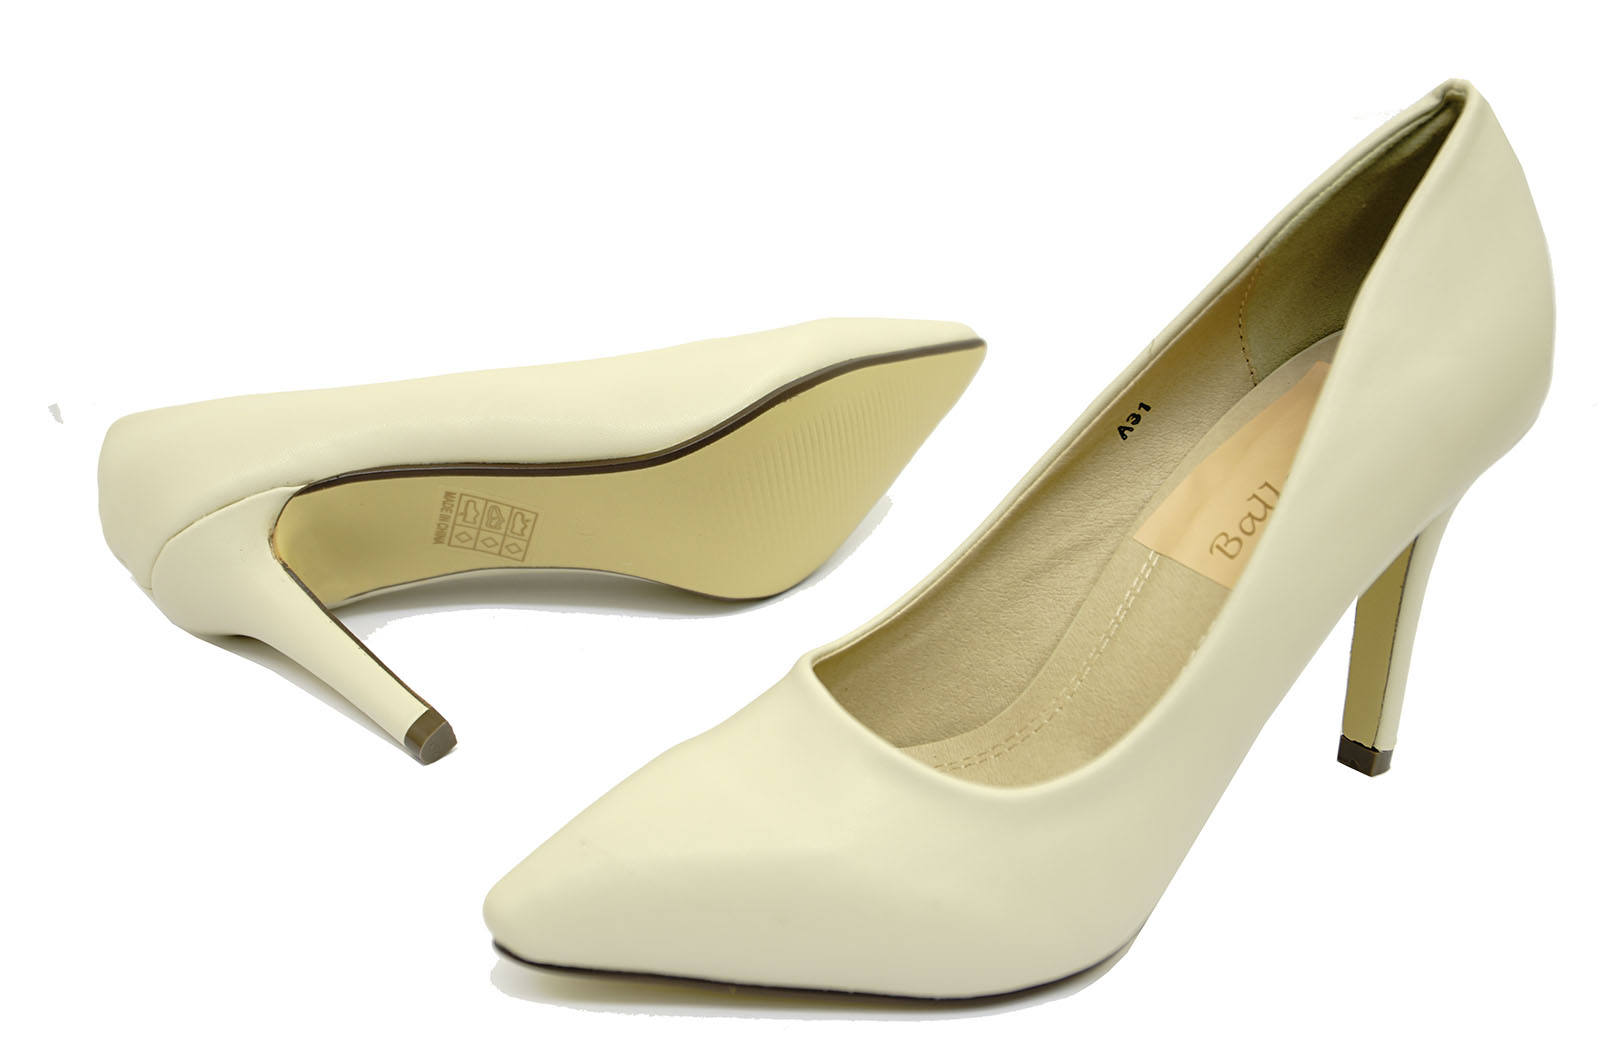 Damas Tacón Alto Estilete Beige Sin Cordones Zapatos Tribunal trabajar inteligente puntiaguda tallas 3-8